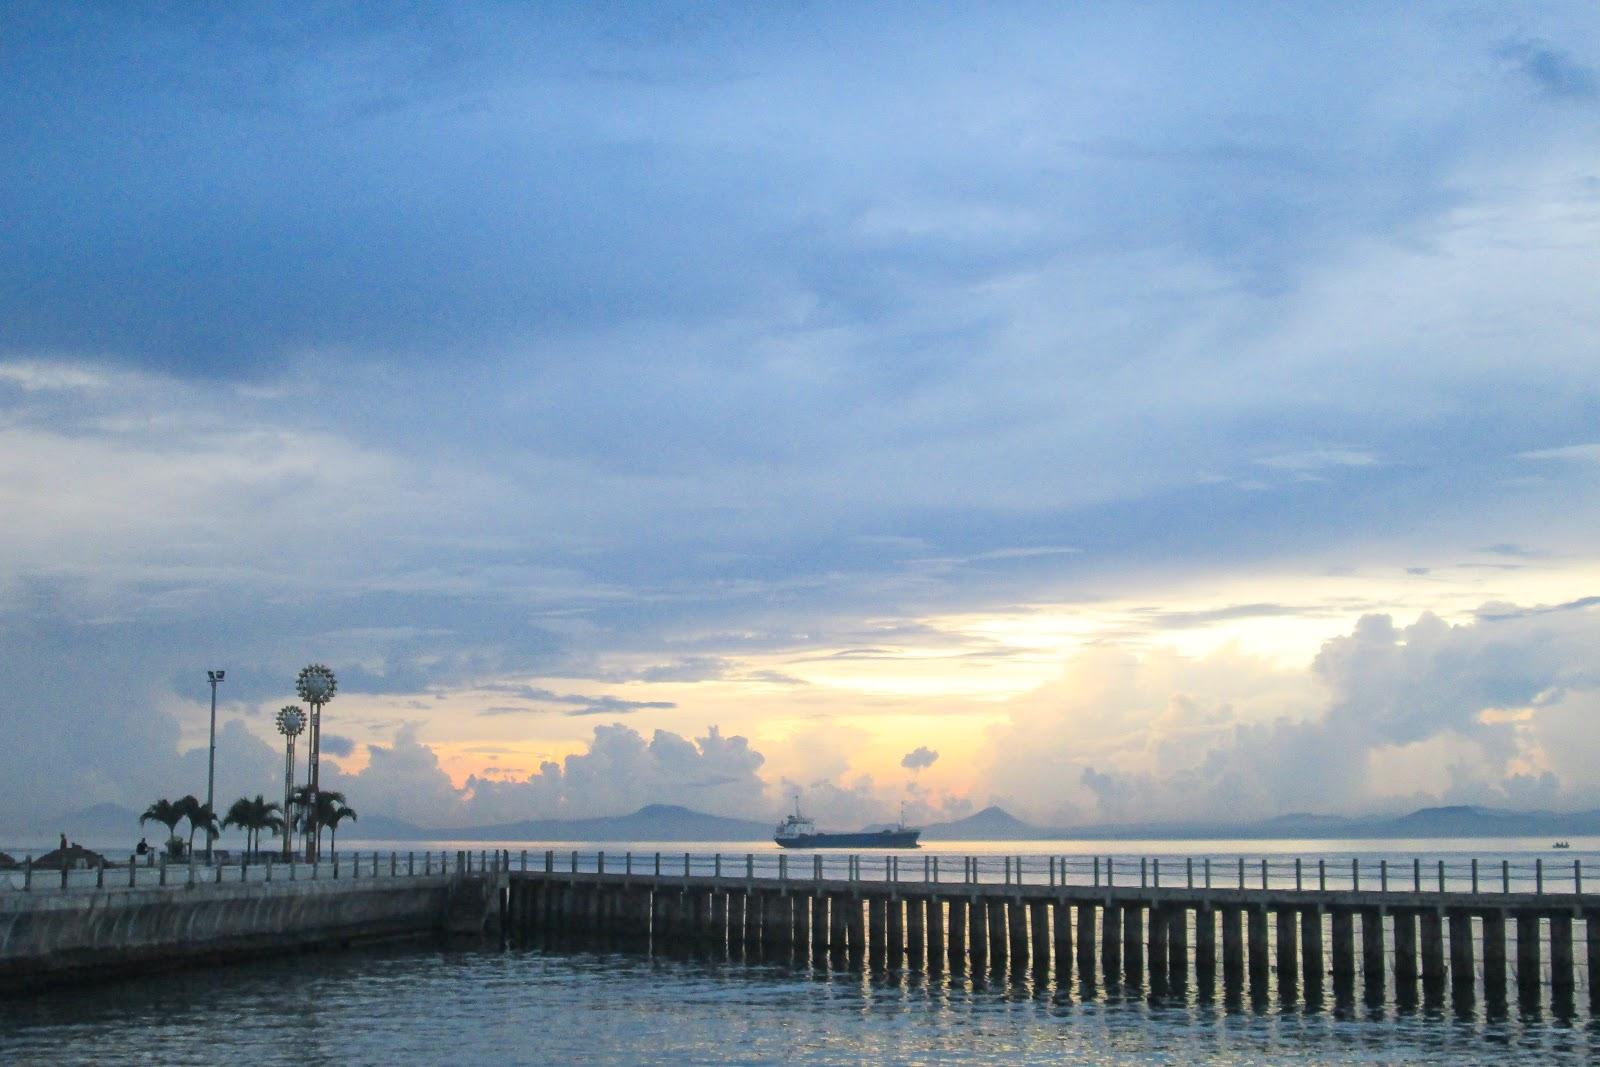 Paseo del Mar, Zamboanga City